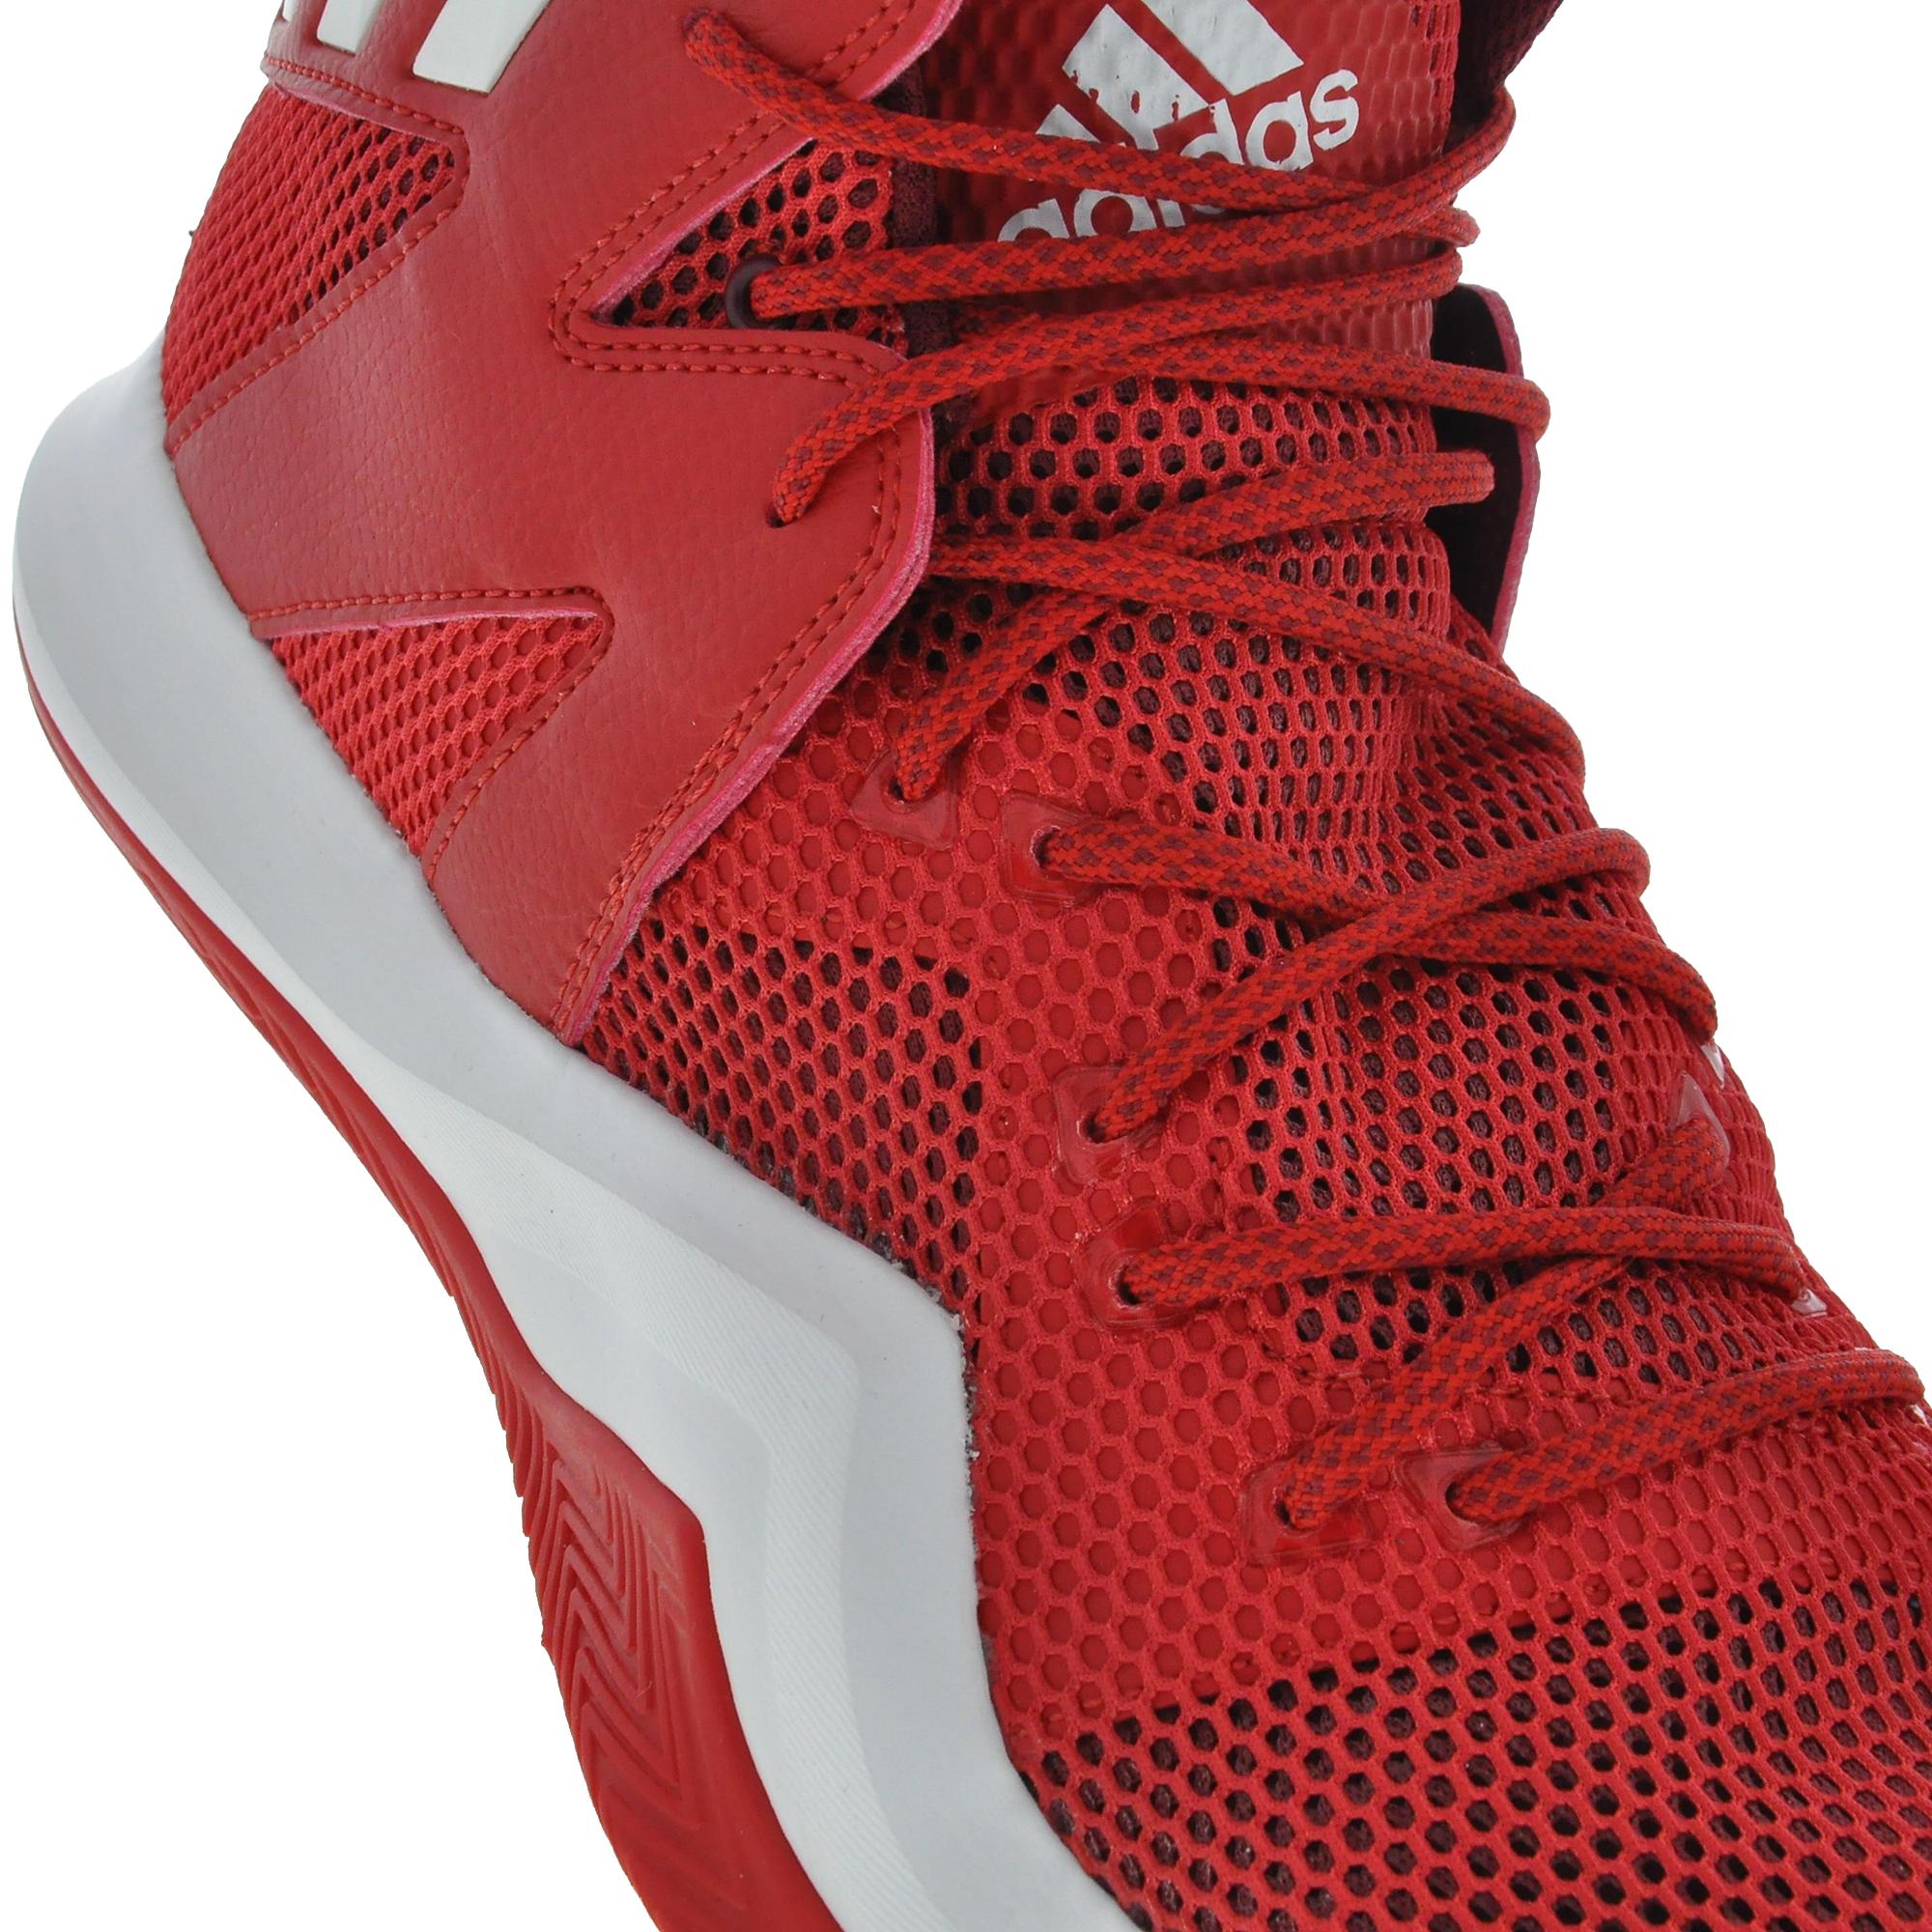 44ab3baae adidas Crazy Bounce FW16 Erkek Basketbol Ayakkabısı  B72768 - Barcin.com